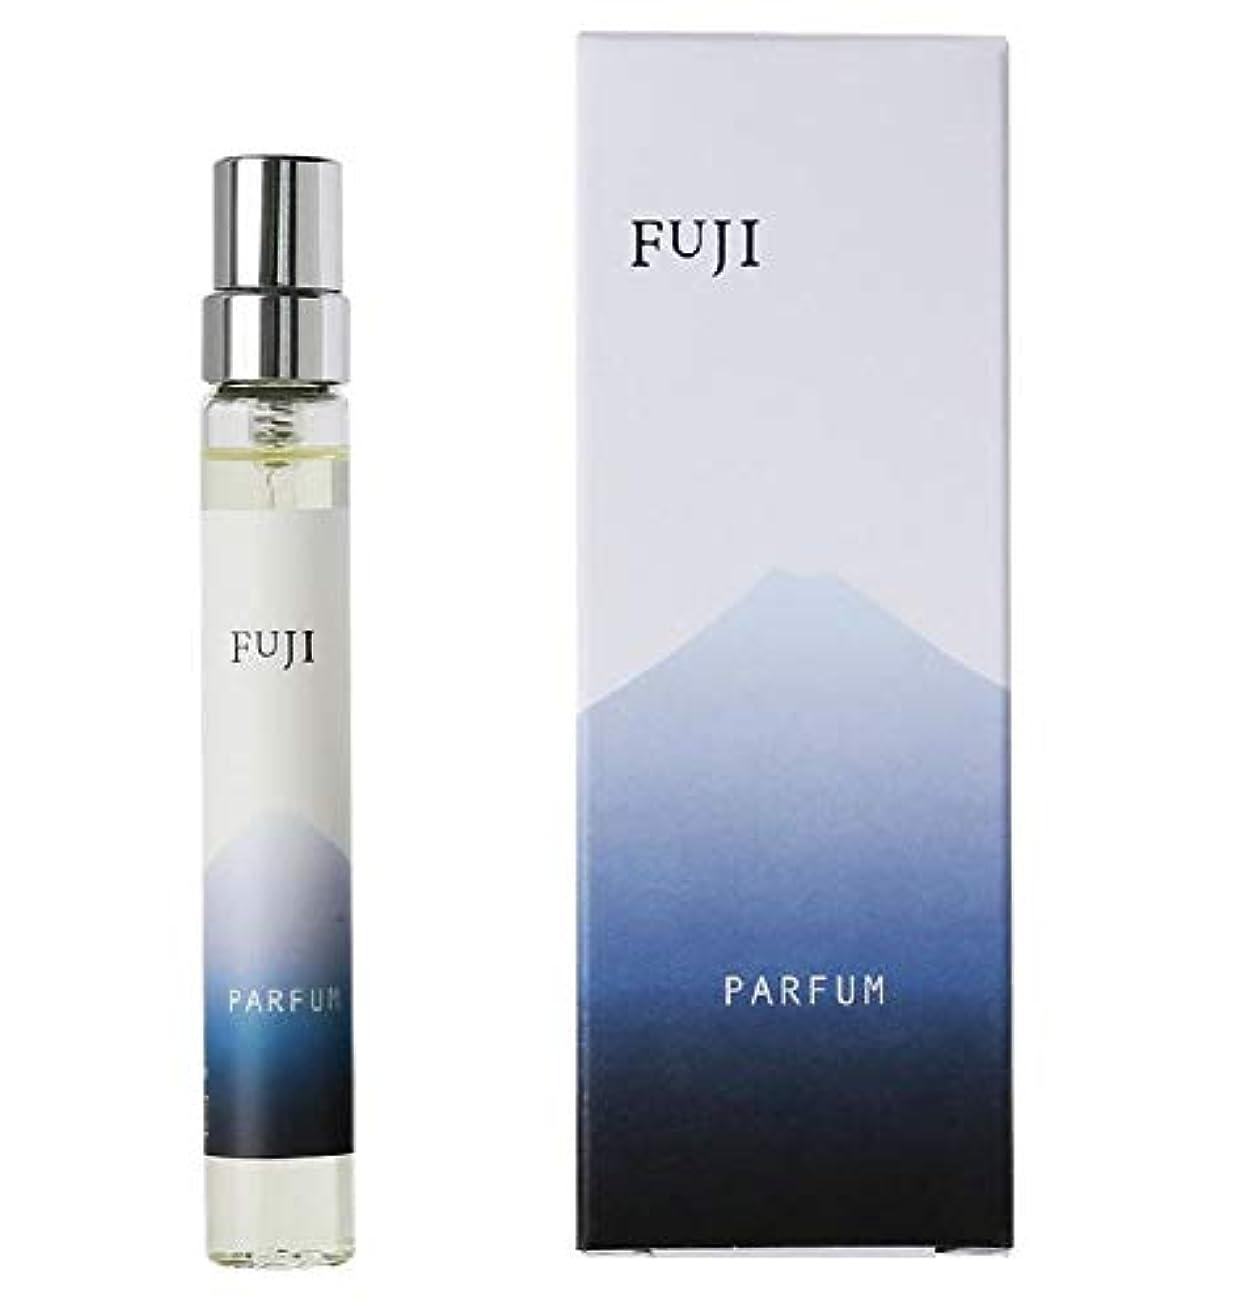 先生小説家官僚パルファム フジ parfum fuji 最高級 パルファン 1ダースセット(12本) 限定割引 & 送料無料 富士山 香水 海外みやげ